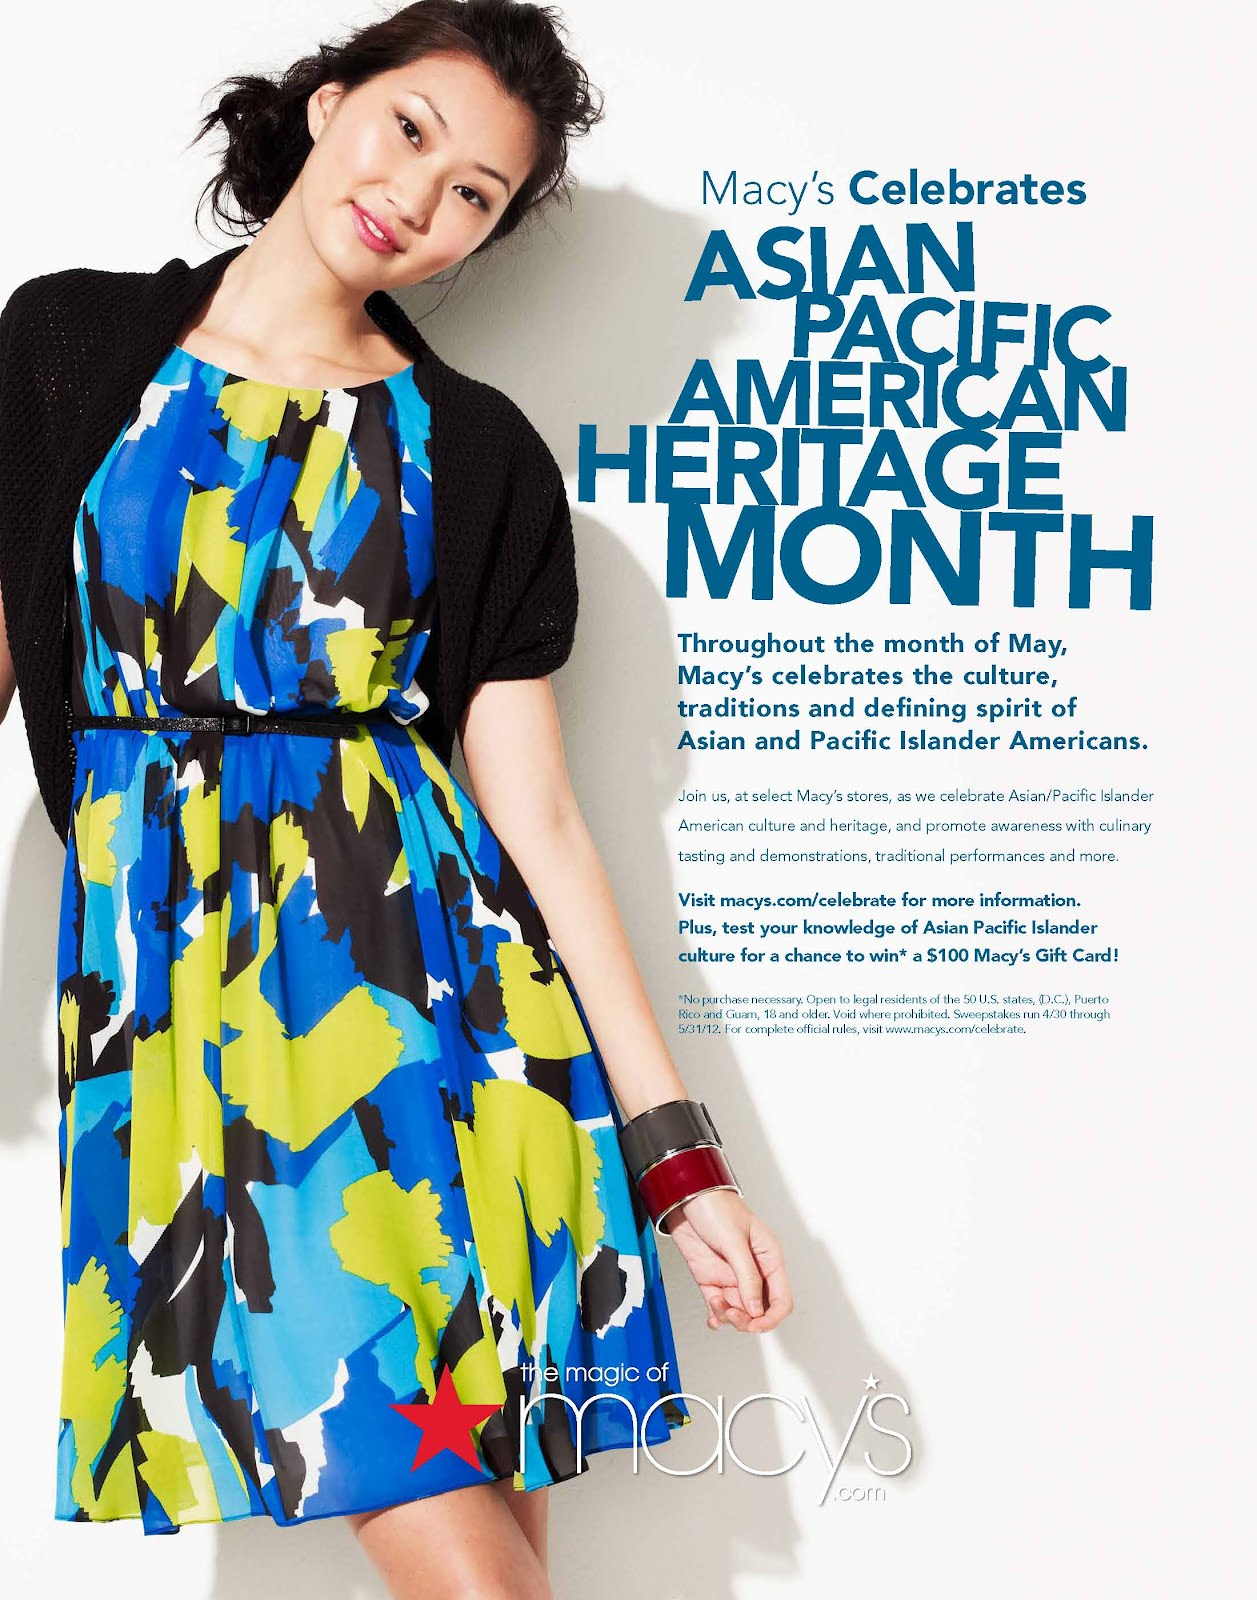 http://1.bp.blogspot.com/-8PZNKGXdcYk/T7MoMejO0fI/AAAAAAAAVQM/M8F3MgwU7yM/s1600/Macys_Poster.jpg